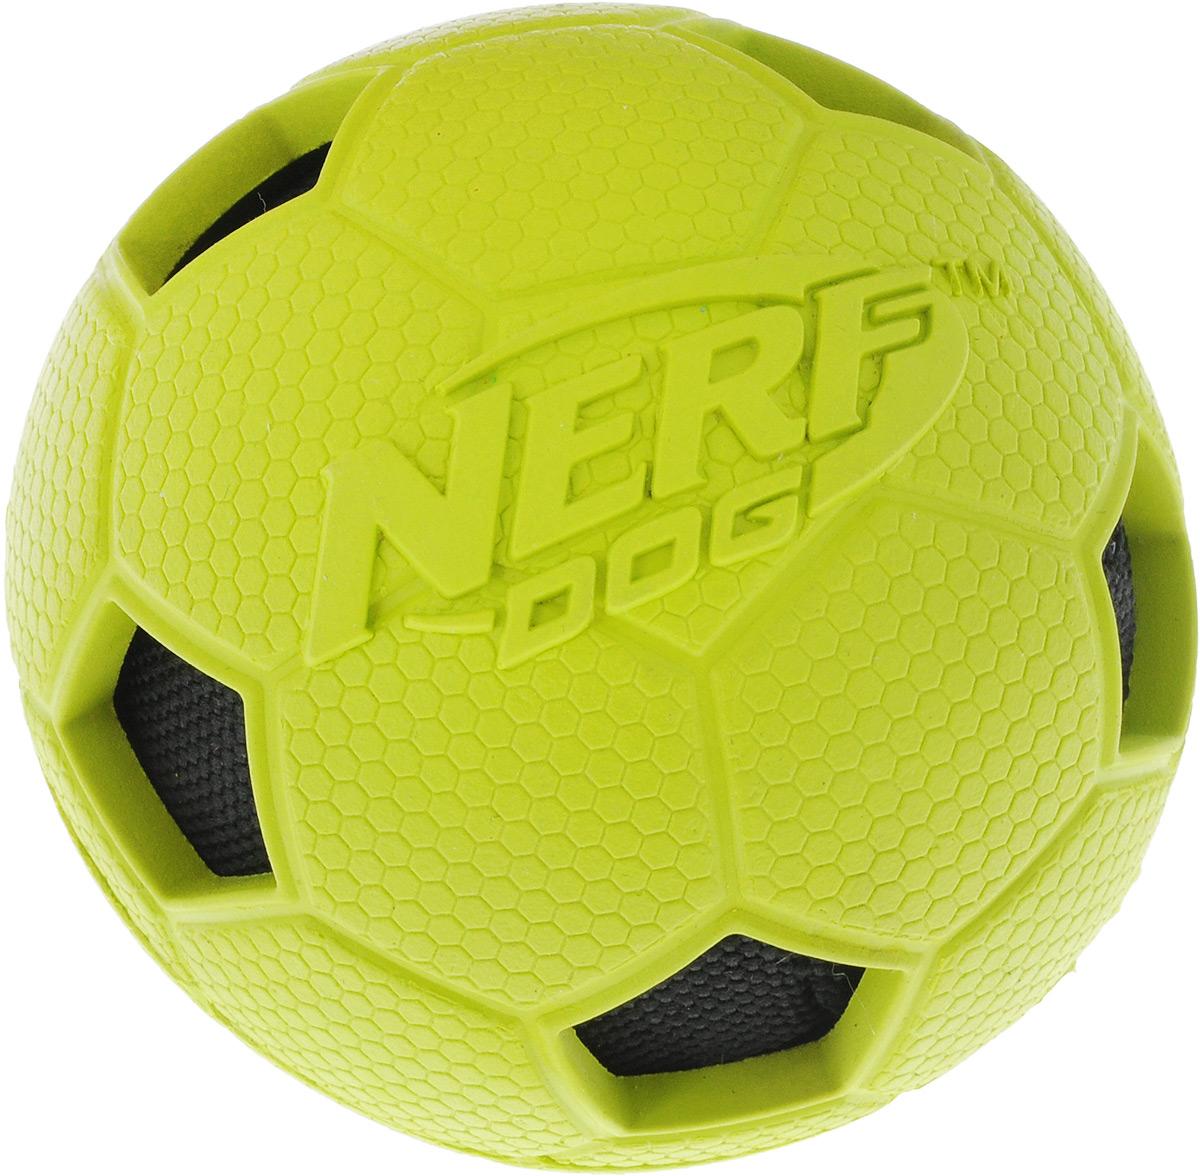 Игрушка для собак Nerf Мяч футбольный, цвет: салатовый, черный, диаметр 7,5 см игрушка для собак уют мяч футбольный цвет белый черный 7 см